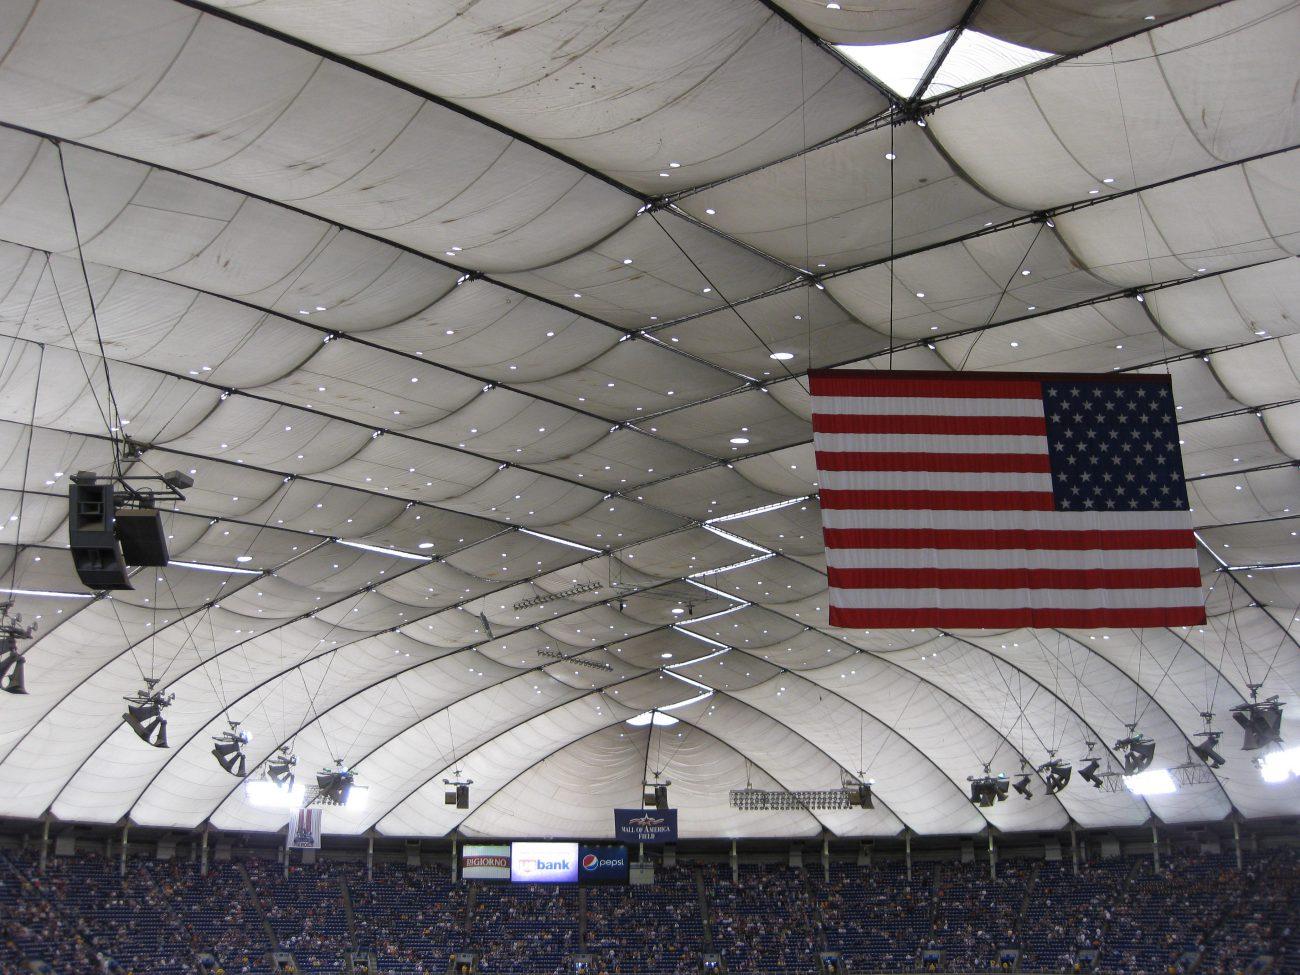 Metrodome roof